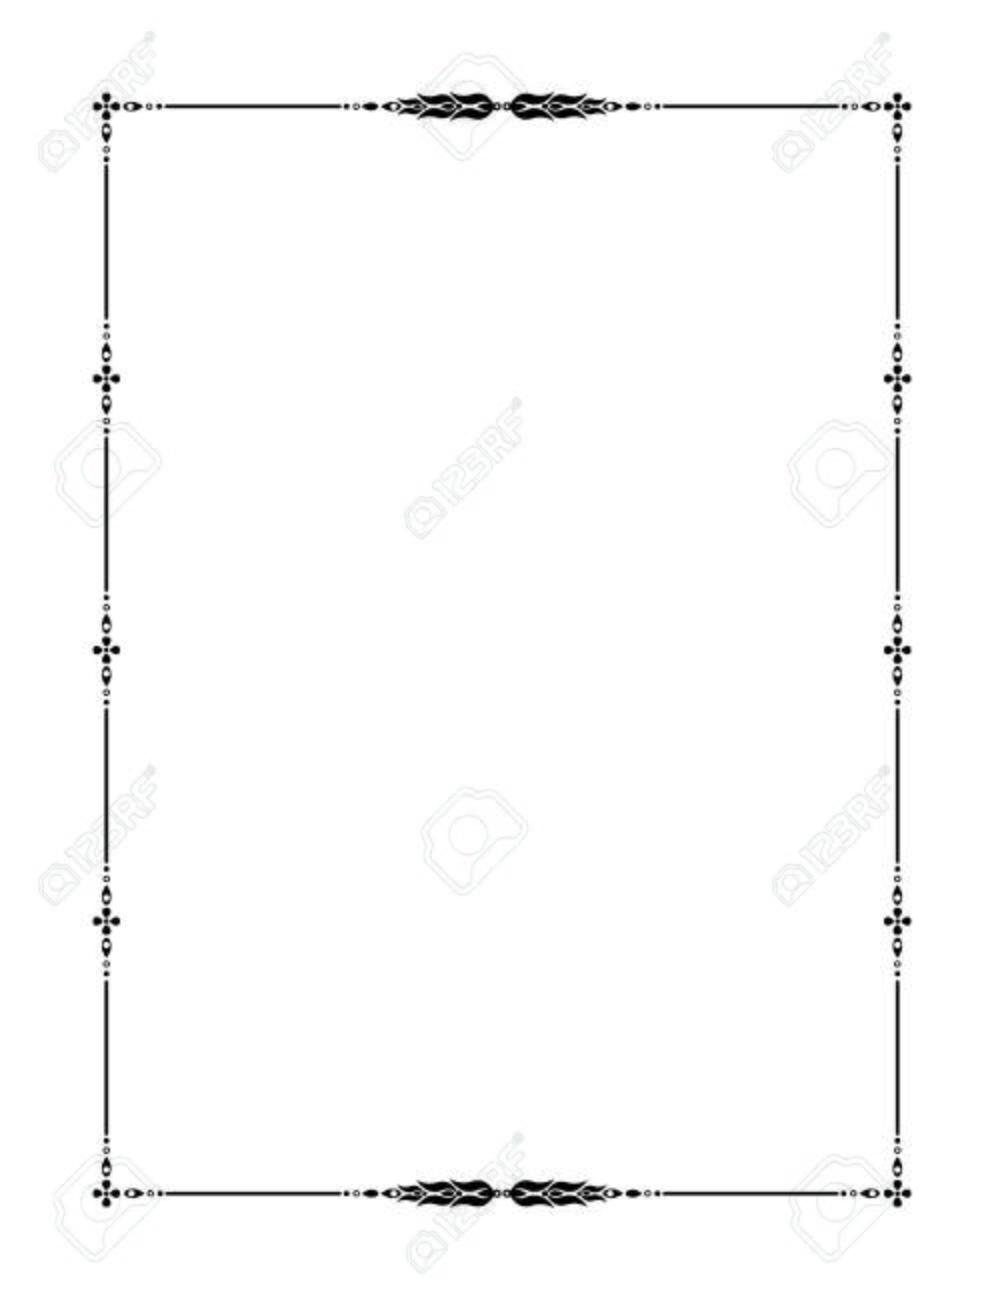 Schwarze Dekorative Rahmen Mit Floralen Ornament. Vorlage Für ...